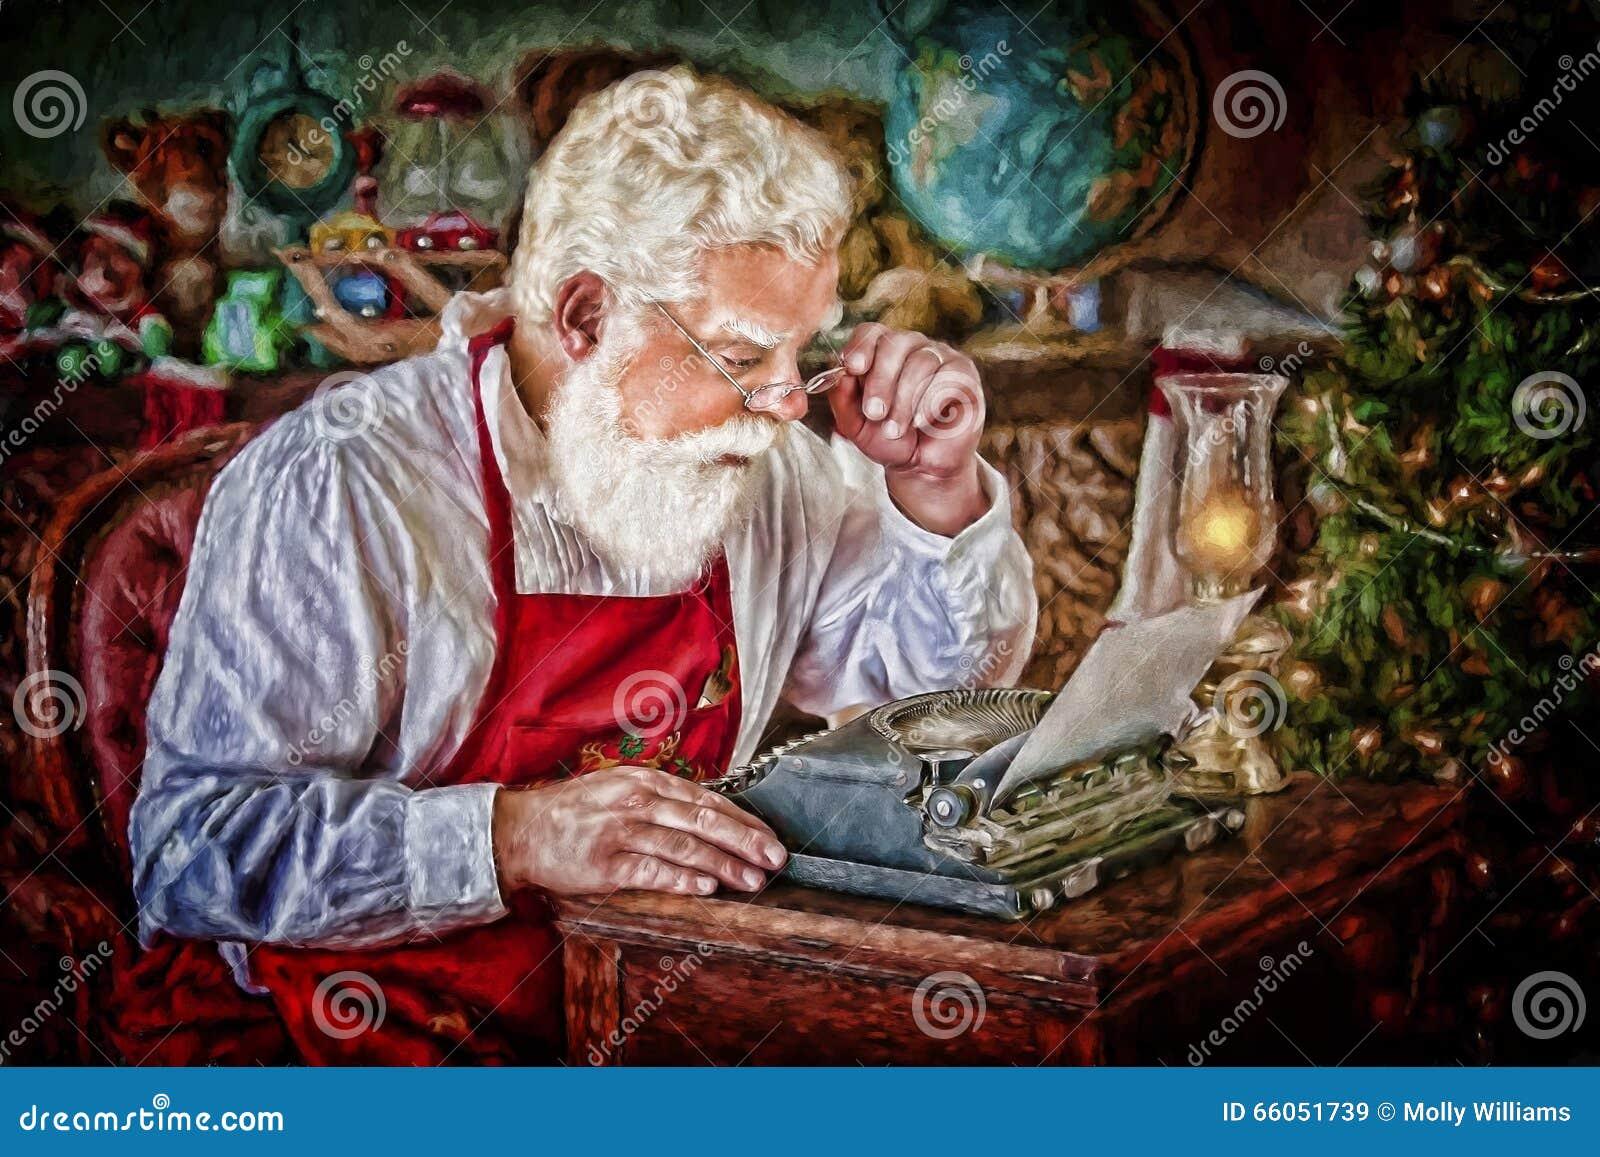 Άγιος Βασίλης με τη γραφομηχανή στο εργαστήριο